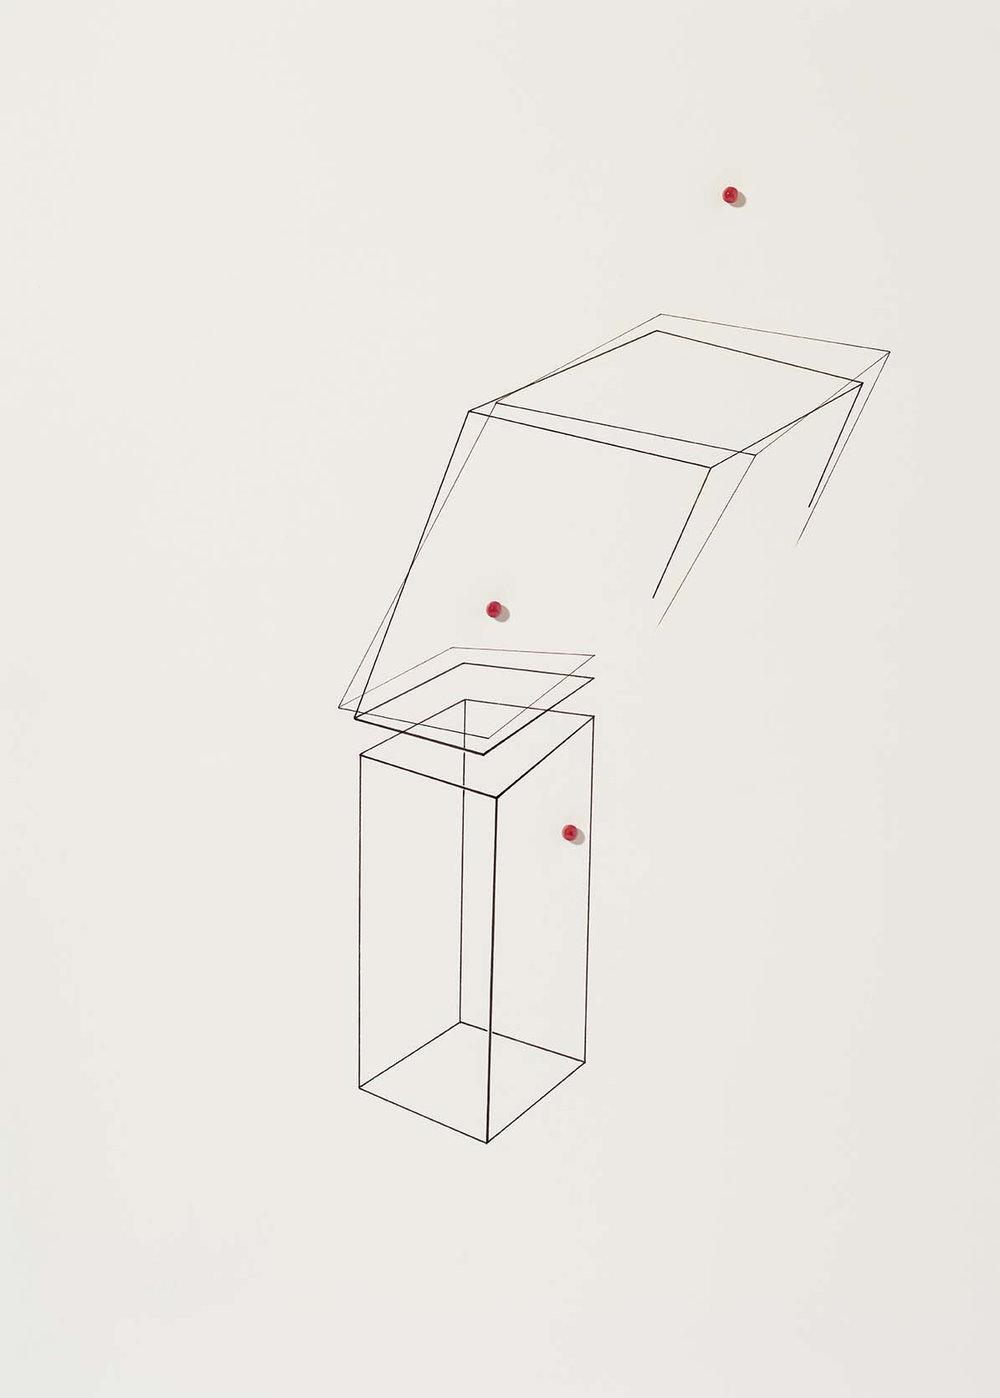 Sem título | 2015 | desenho | nanquim e resina sobre papel| 40 x 30 x 0,7 cm (sem moldura) | 55 x 45 x 5 cm (com moldura)